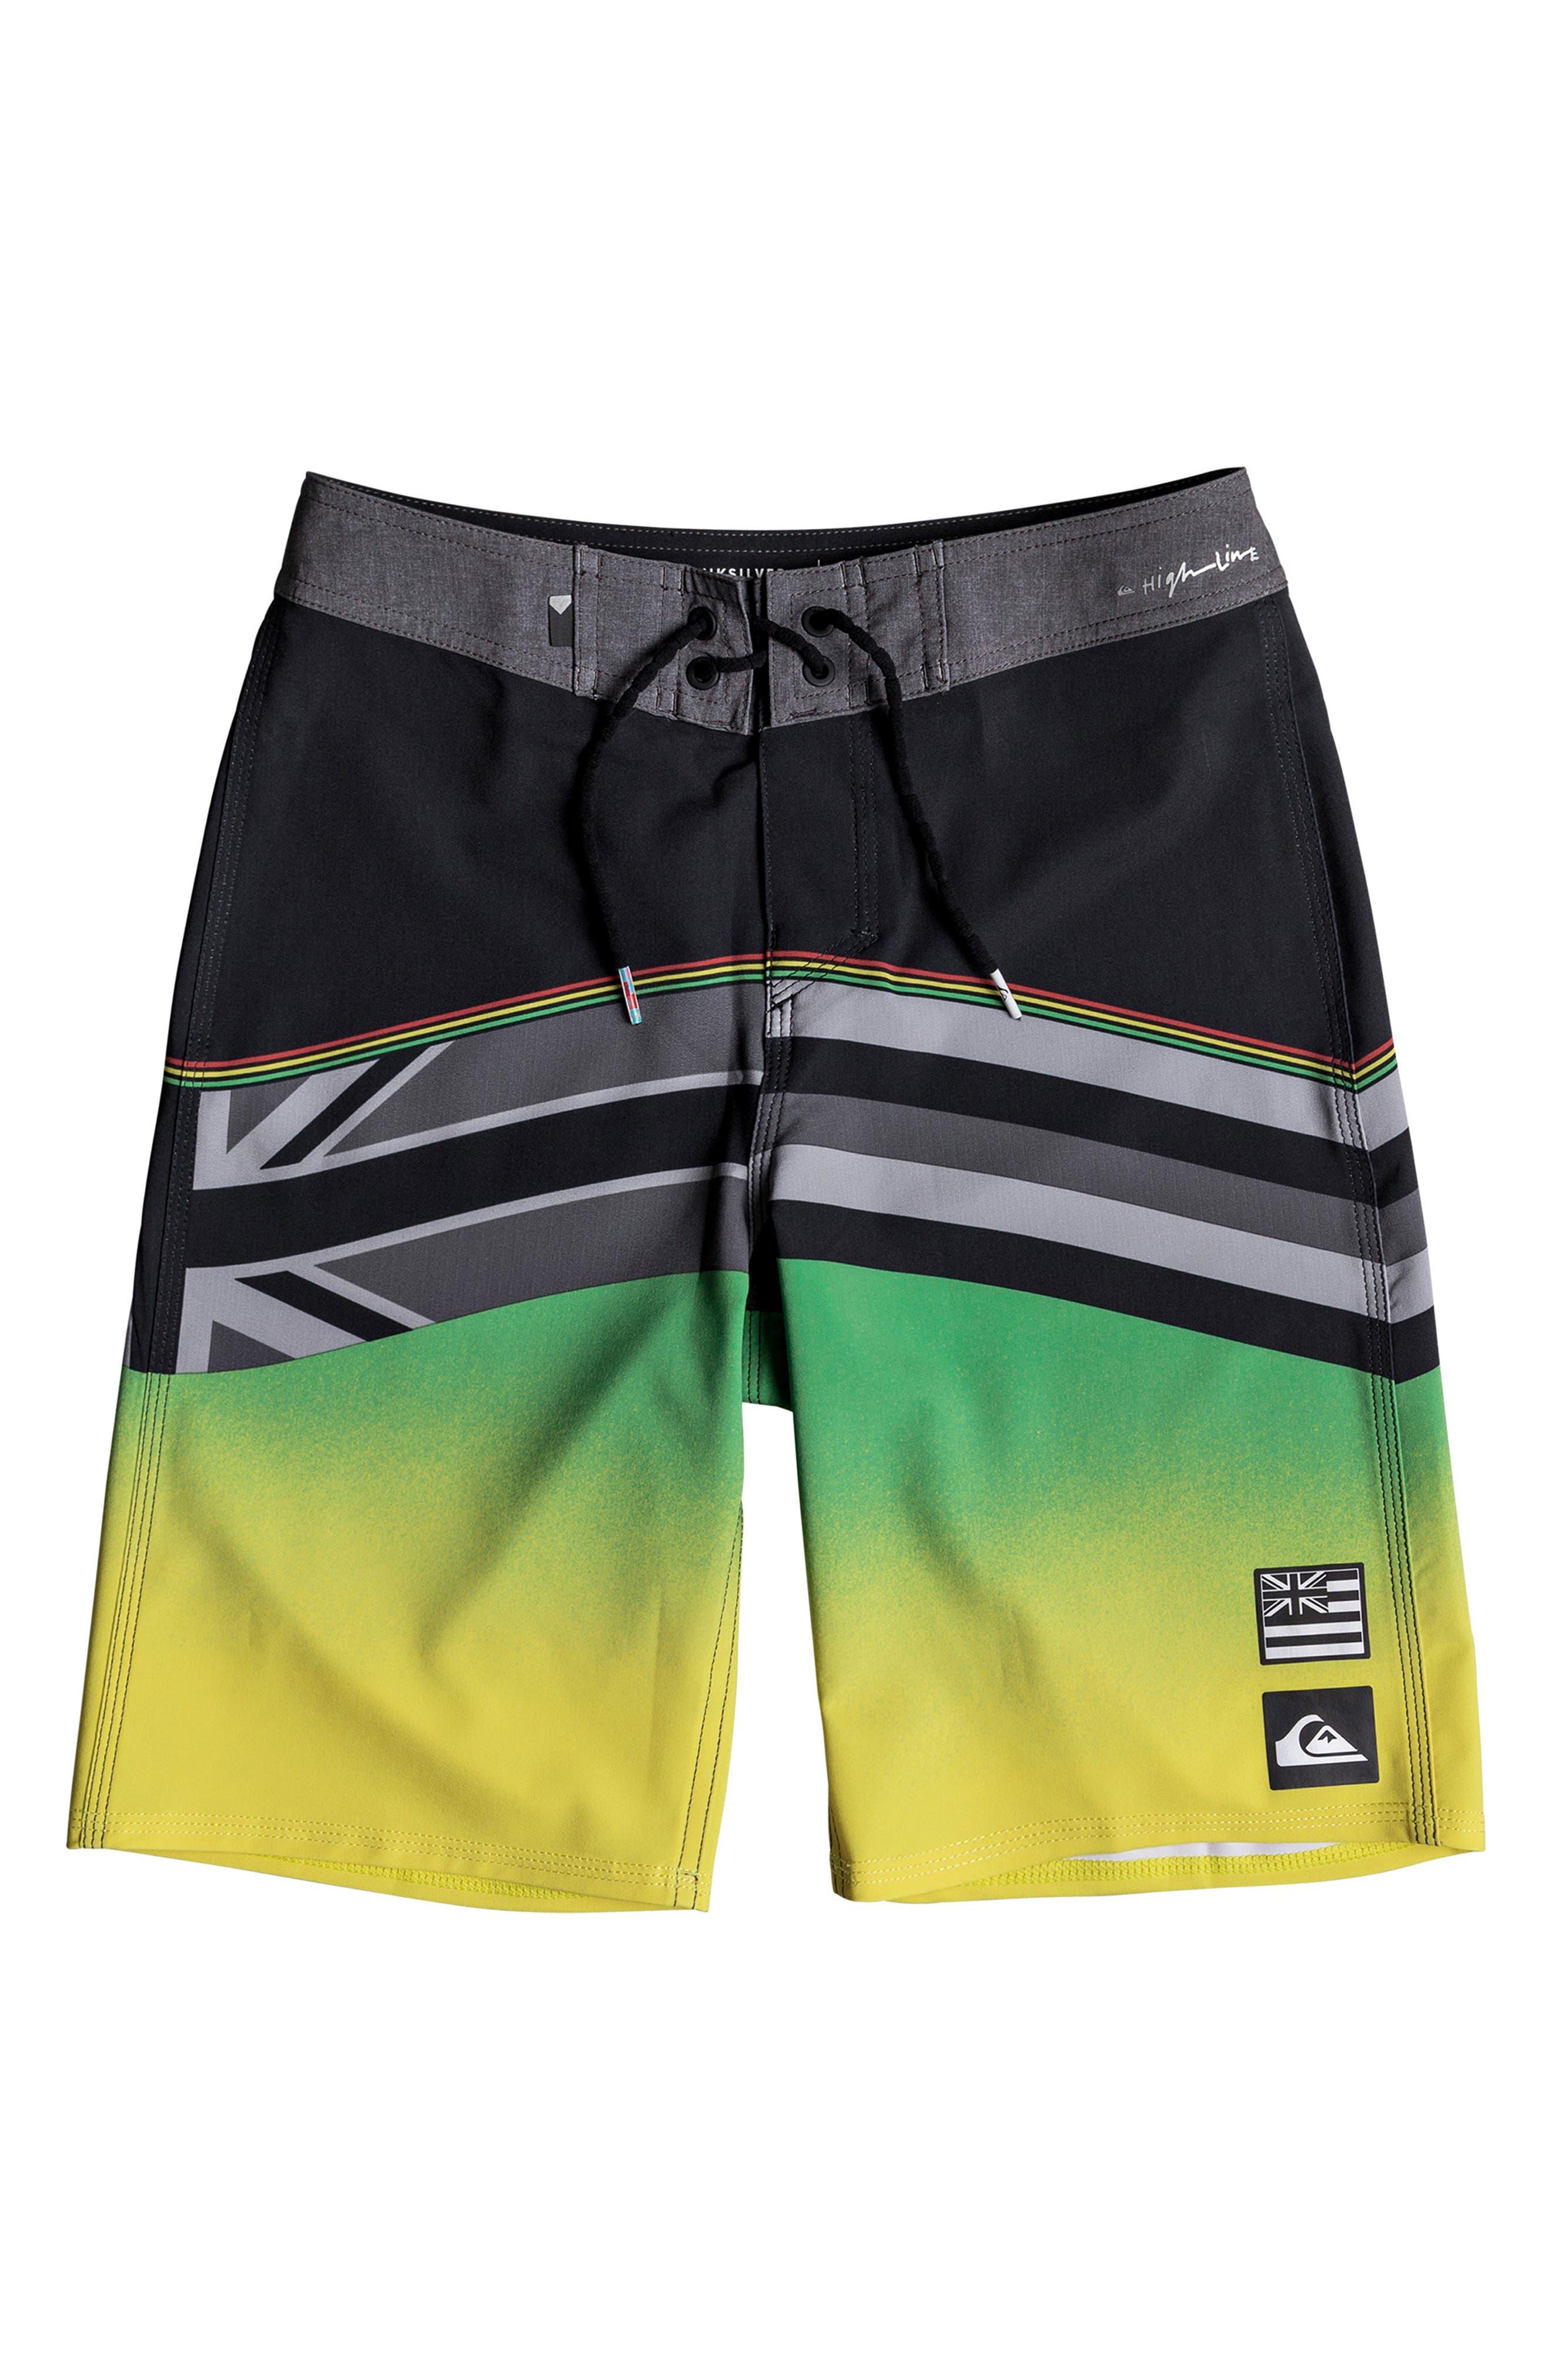 Highline Hawaii Board Shorts,                             Main thumbnail 1, color,                             BLACK